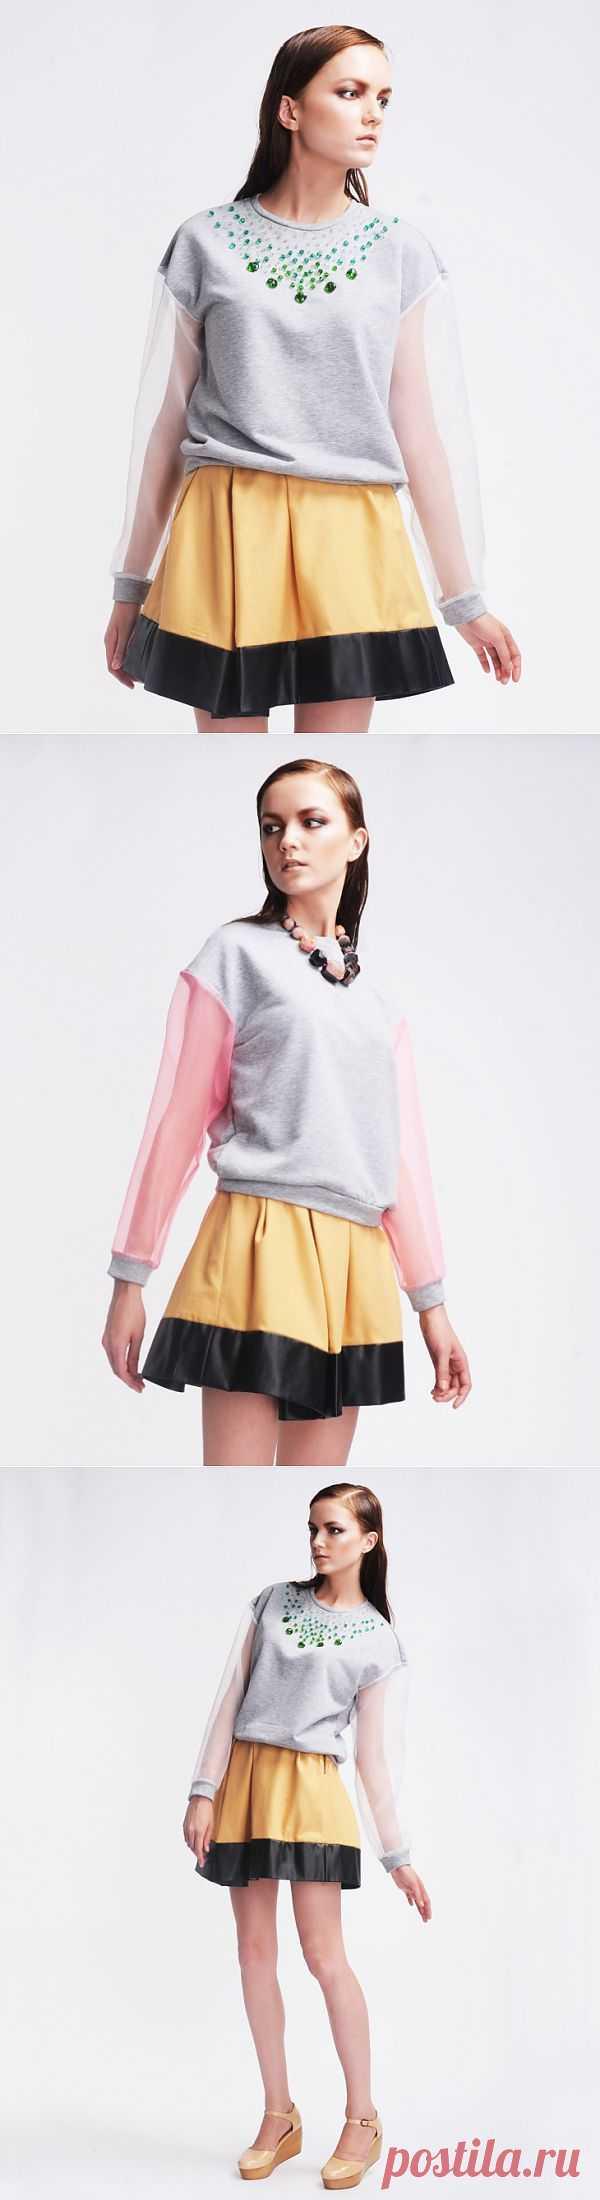 Свишот с прозрачными рукавами / Худи / Модный сайт о стильной переделке одежды и интерьера